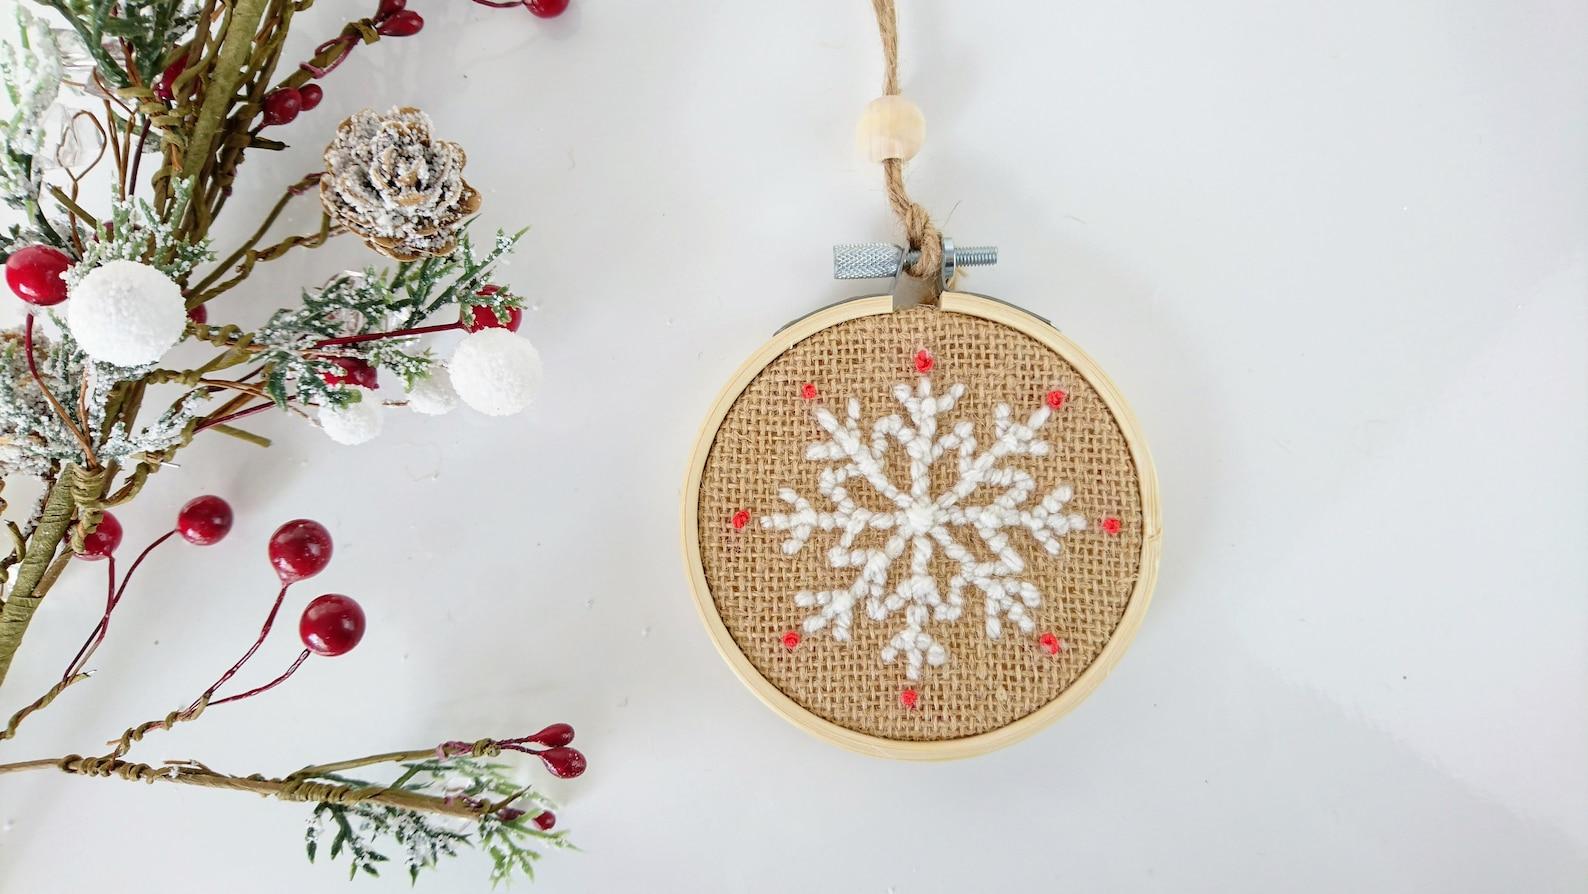 Flocon de neige pour le sapin de Noël en Punch needle. Déco Noël. Décoration murale. Christmas decor. Tambour en broderie - La minute déco